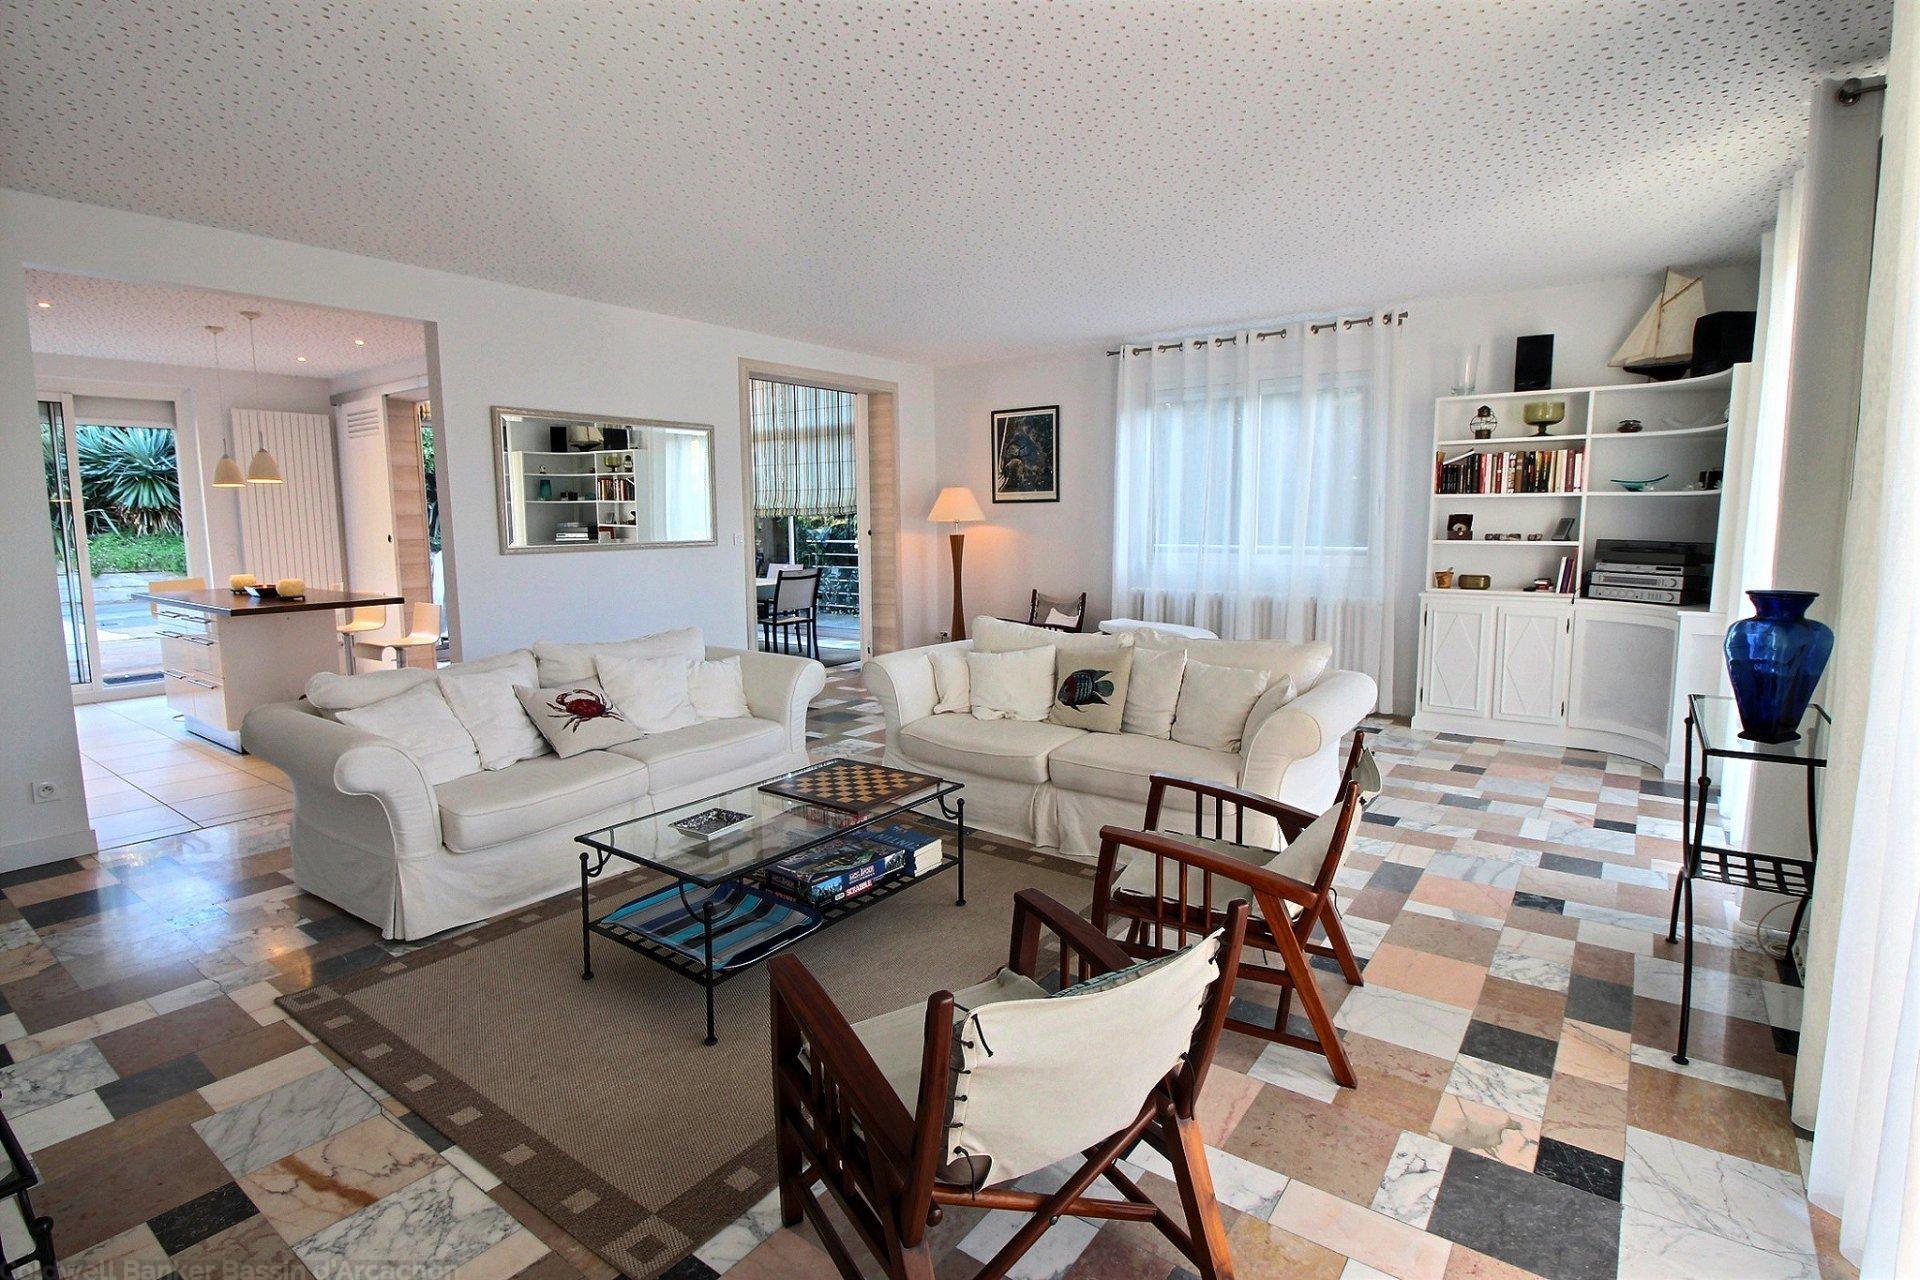 Achat villa 5 chambres proche plage et commerces arcachon pereire